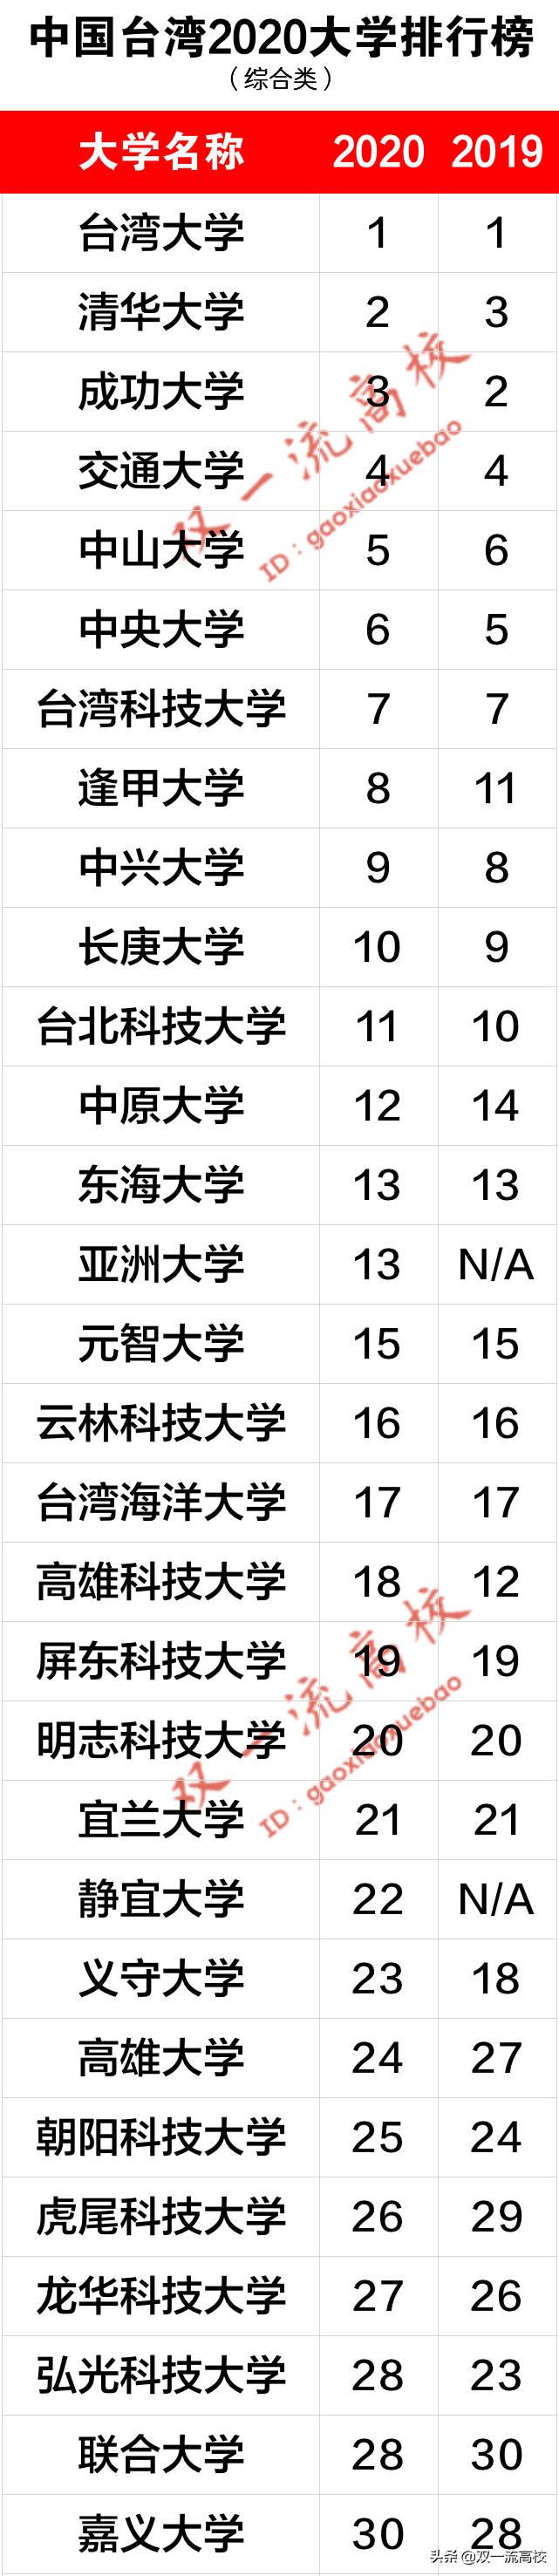 台湾所有大学排名(台湾大学排名一览表)